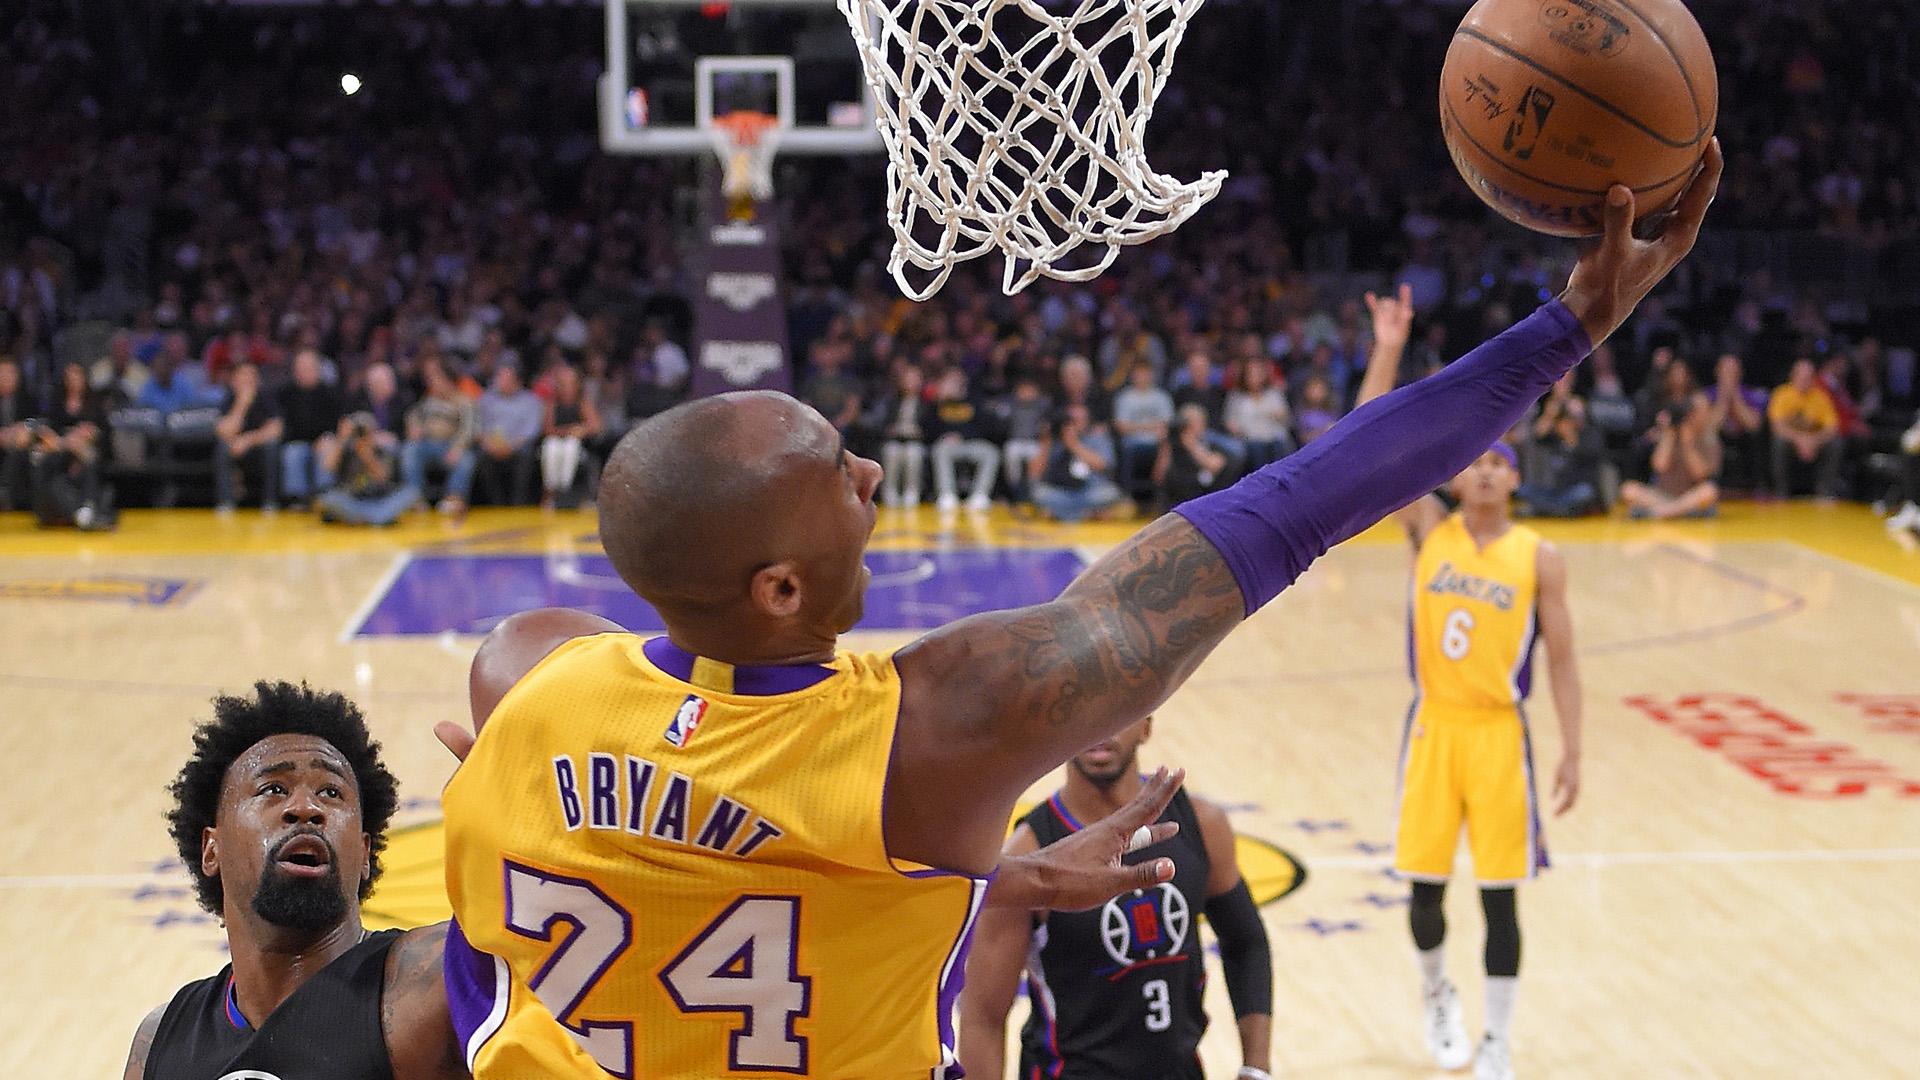 El gran tributo que le hicieron a Kobe Bryant luego de su muerte